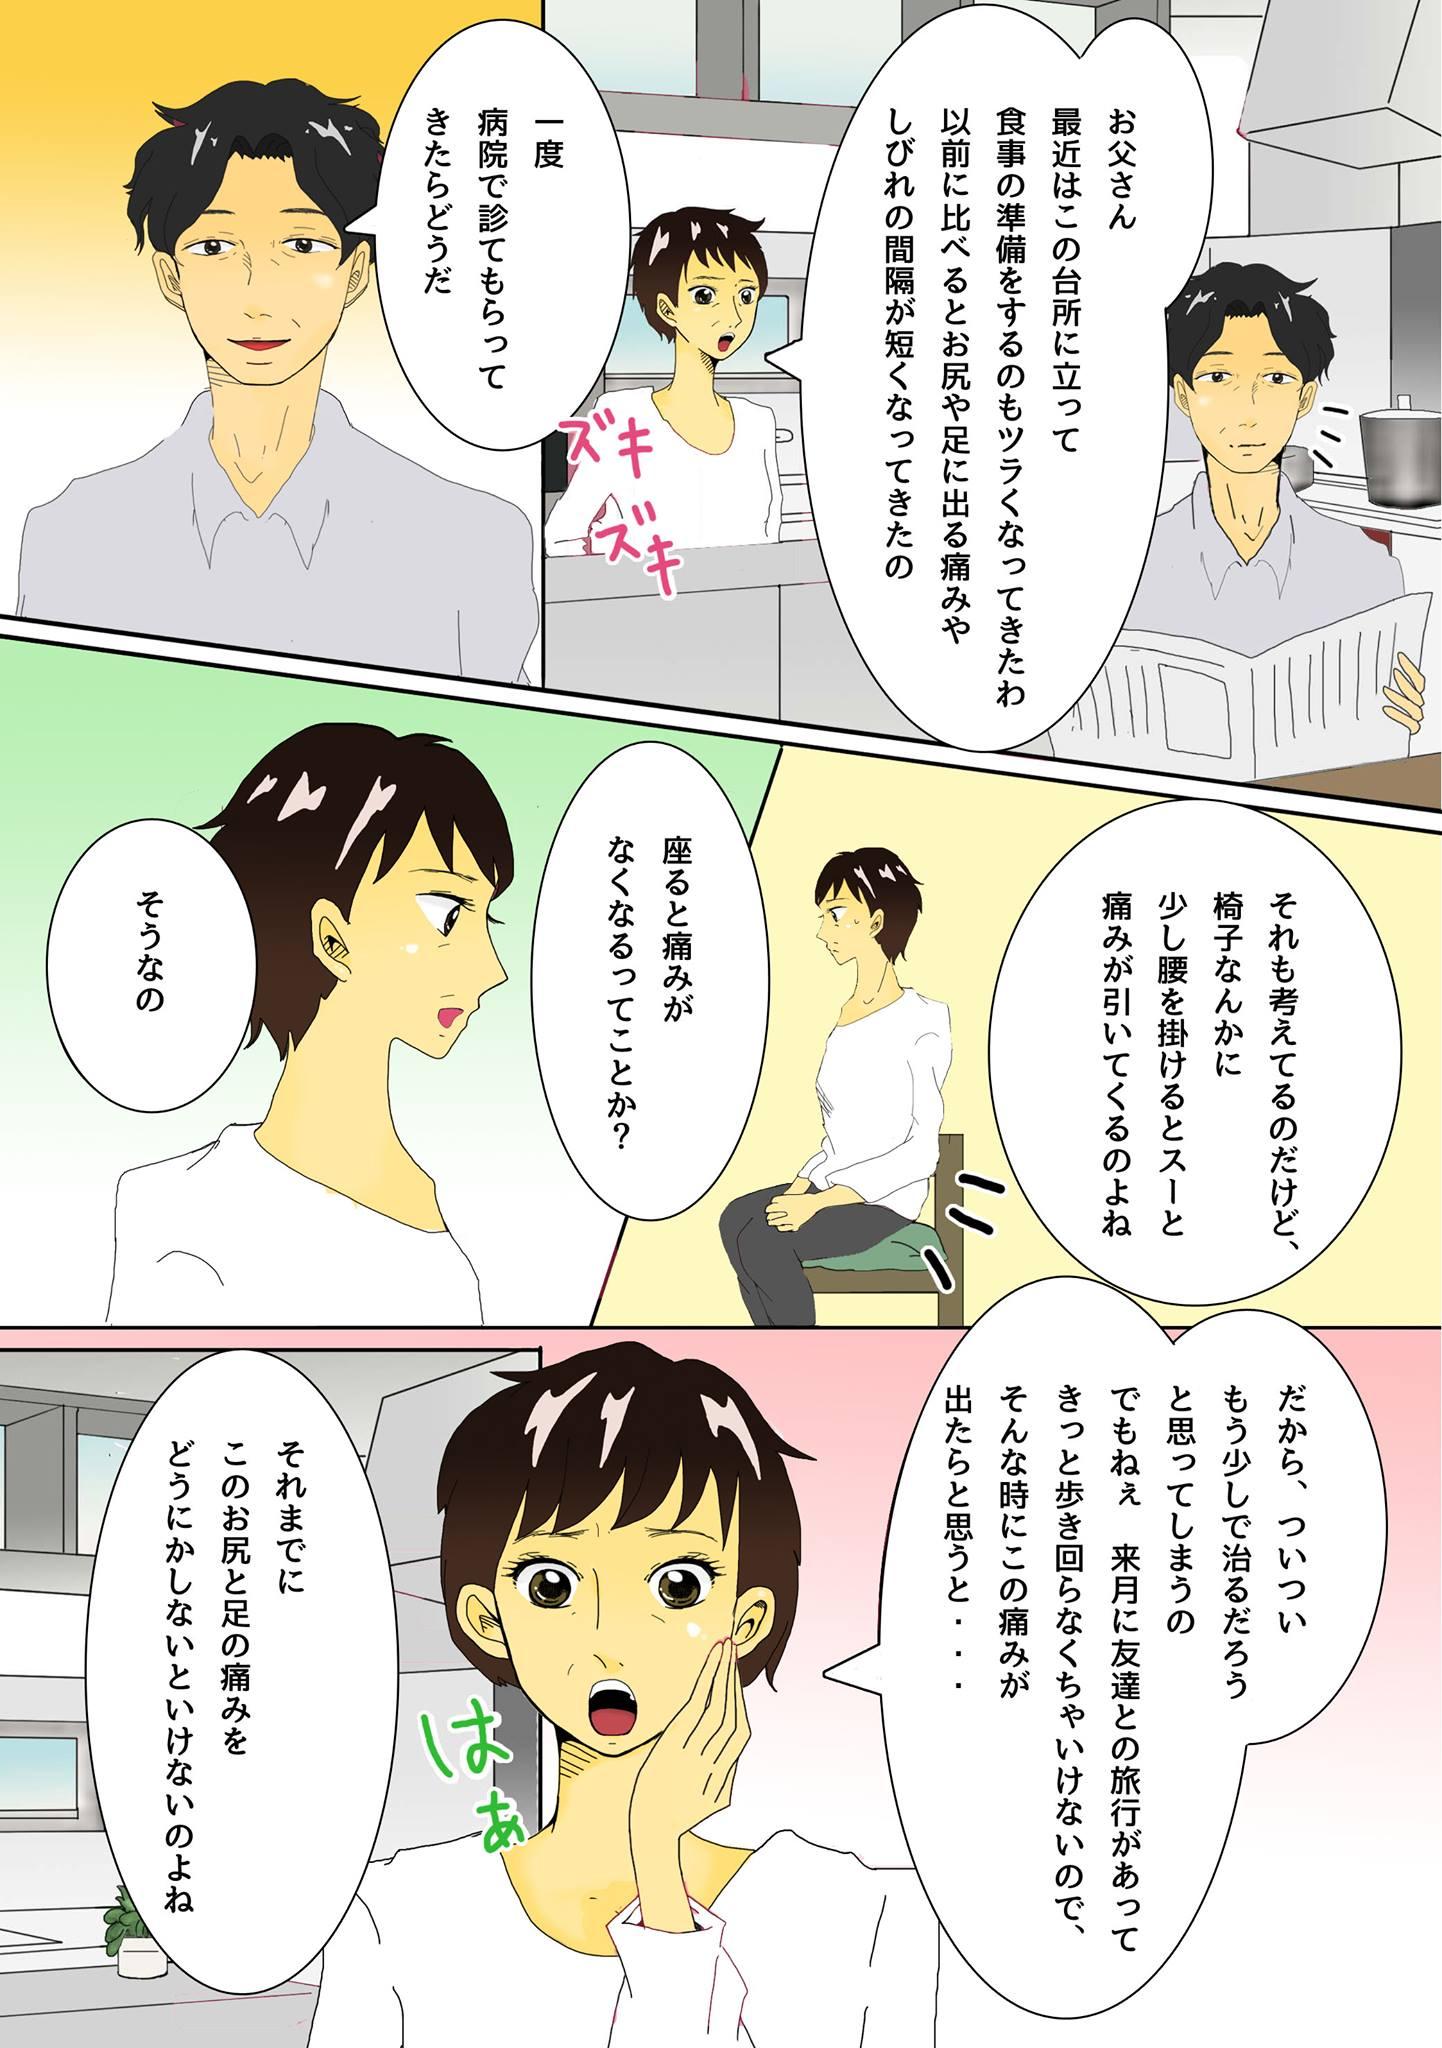 腰痛専門 せがわ接骨院漫画01